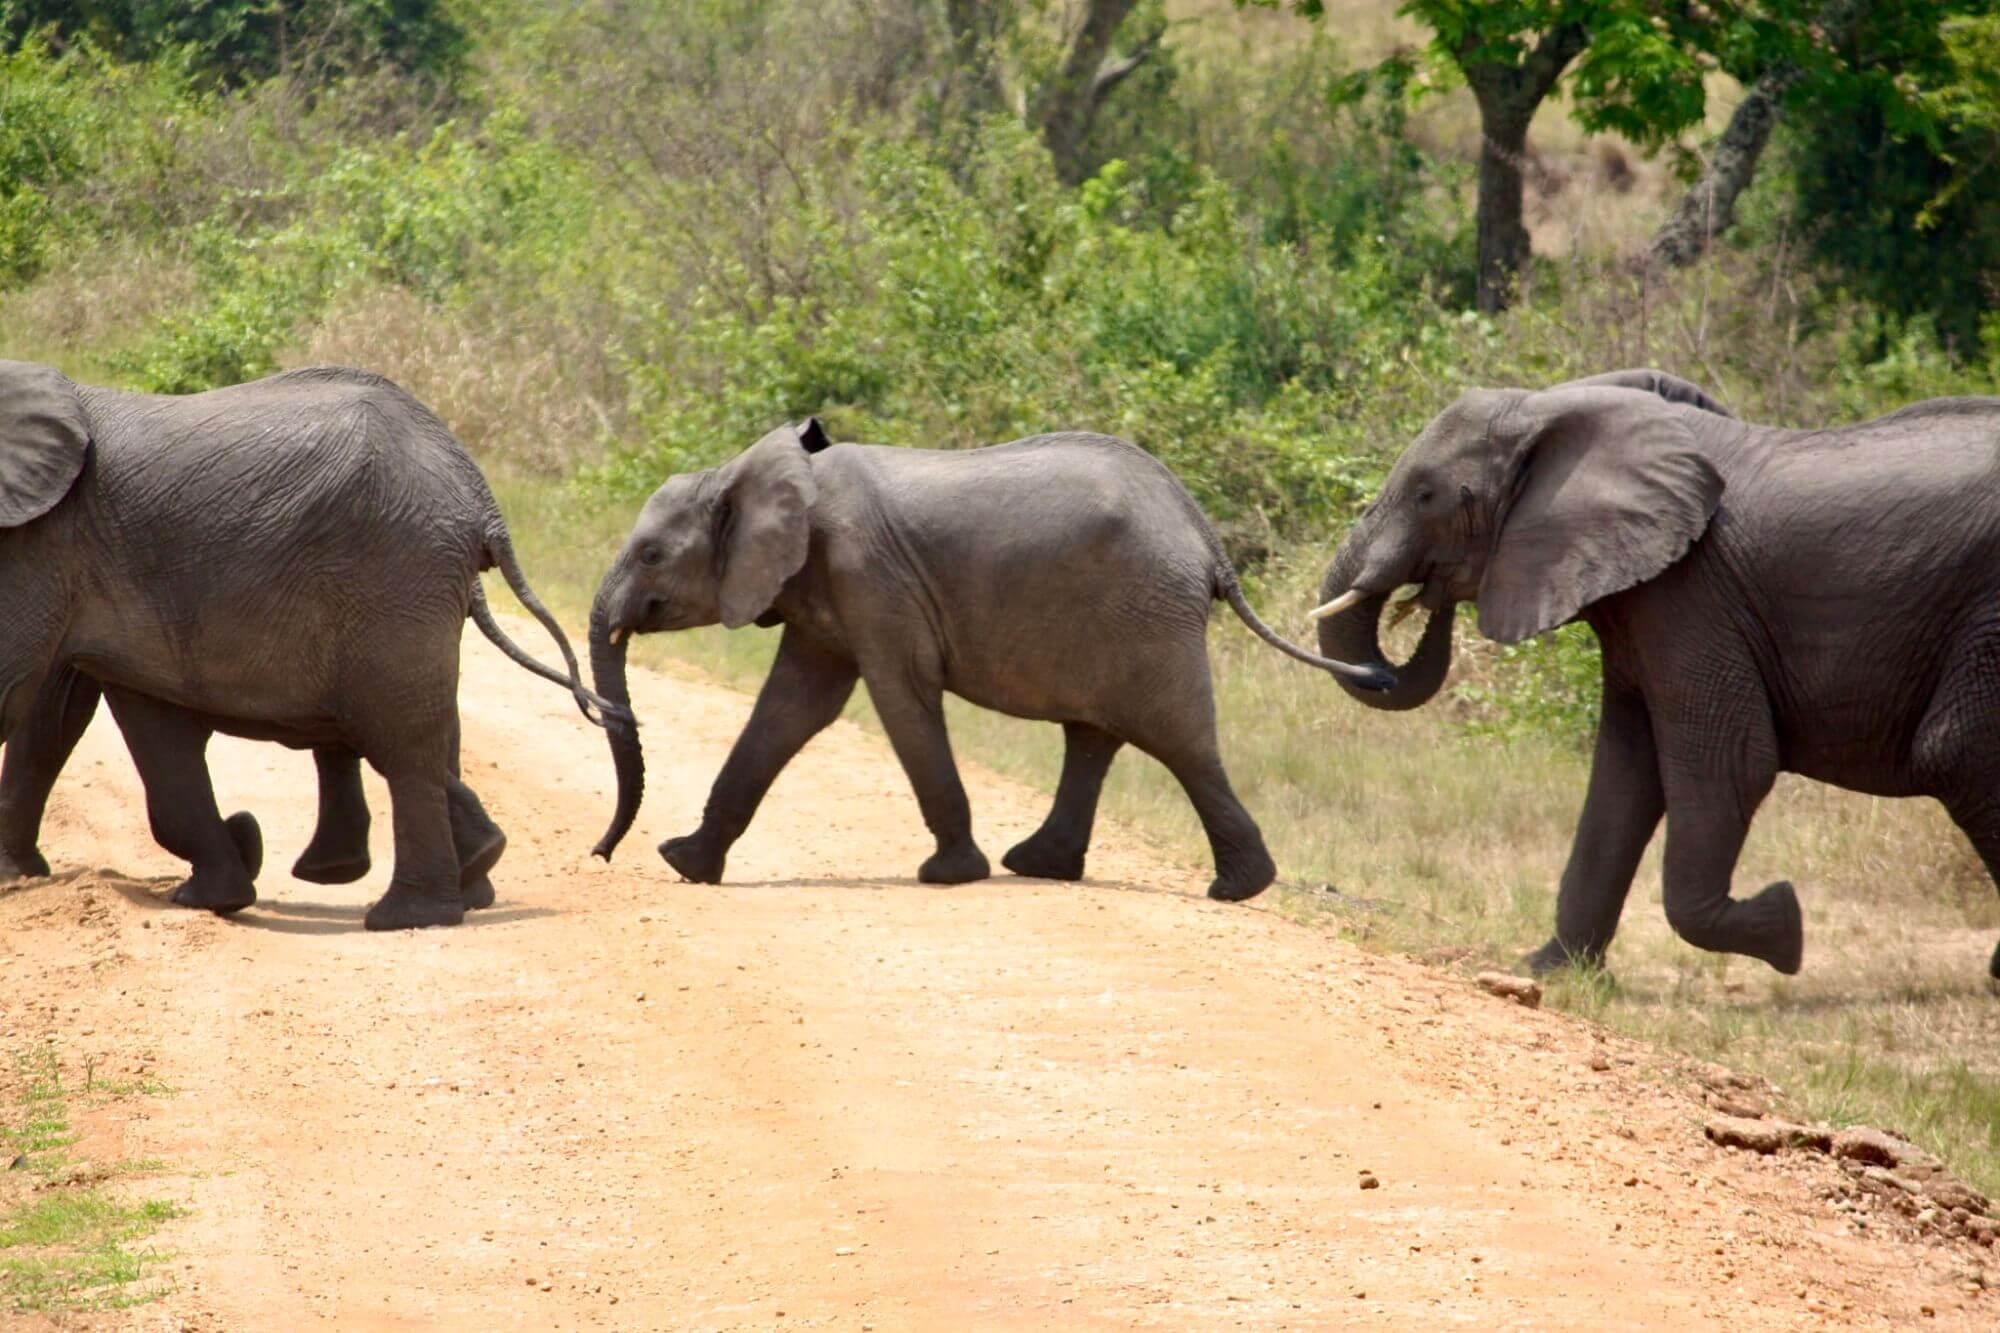 Elephants in Queen Elizabeth National Park Uganda